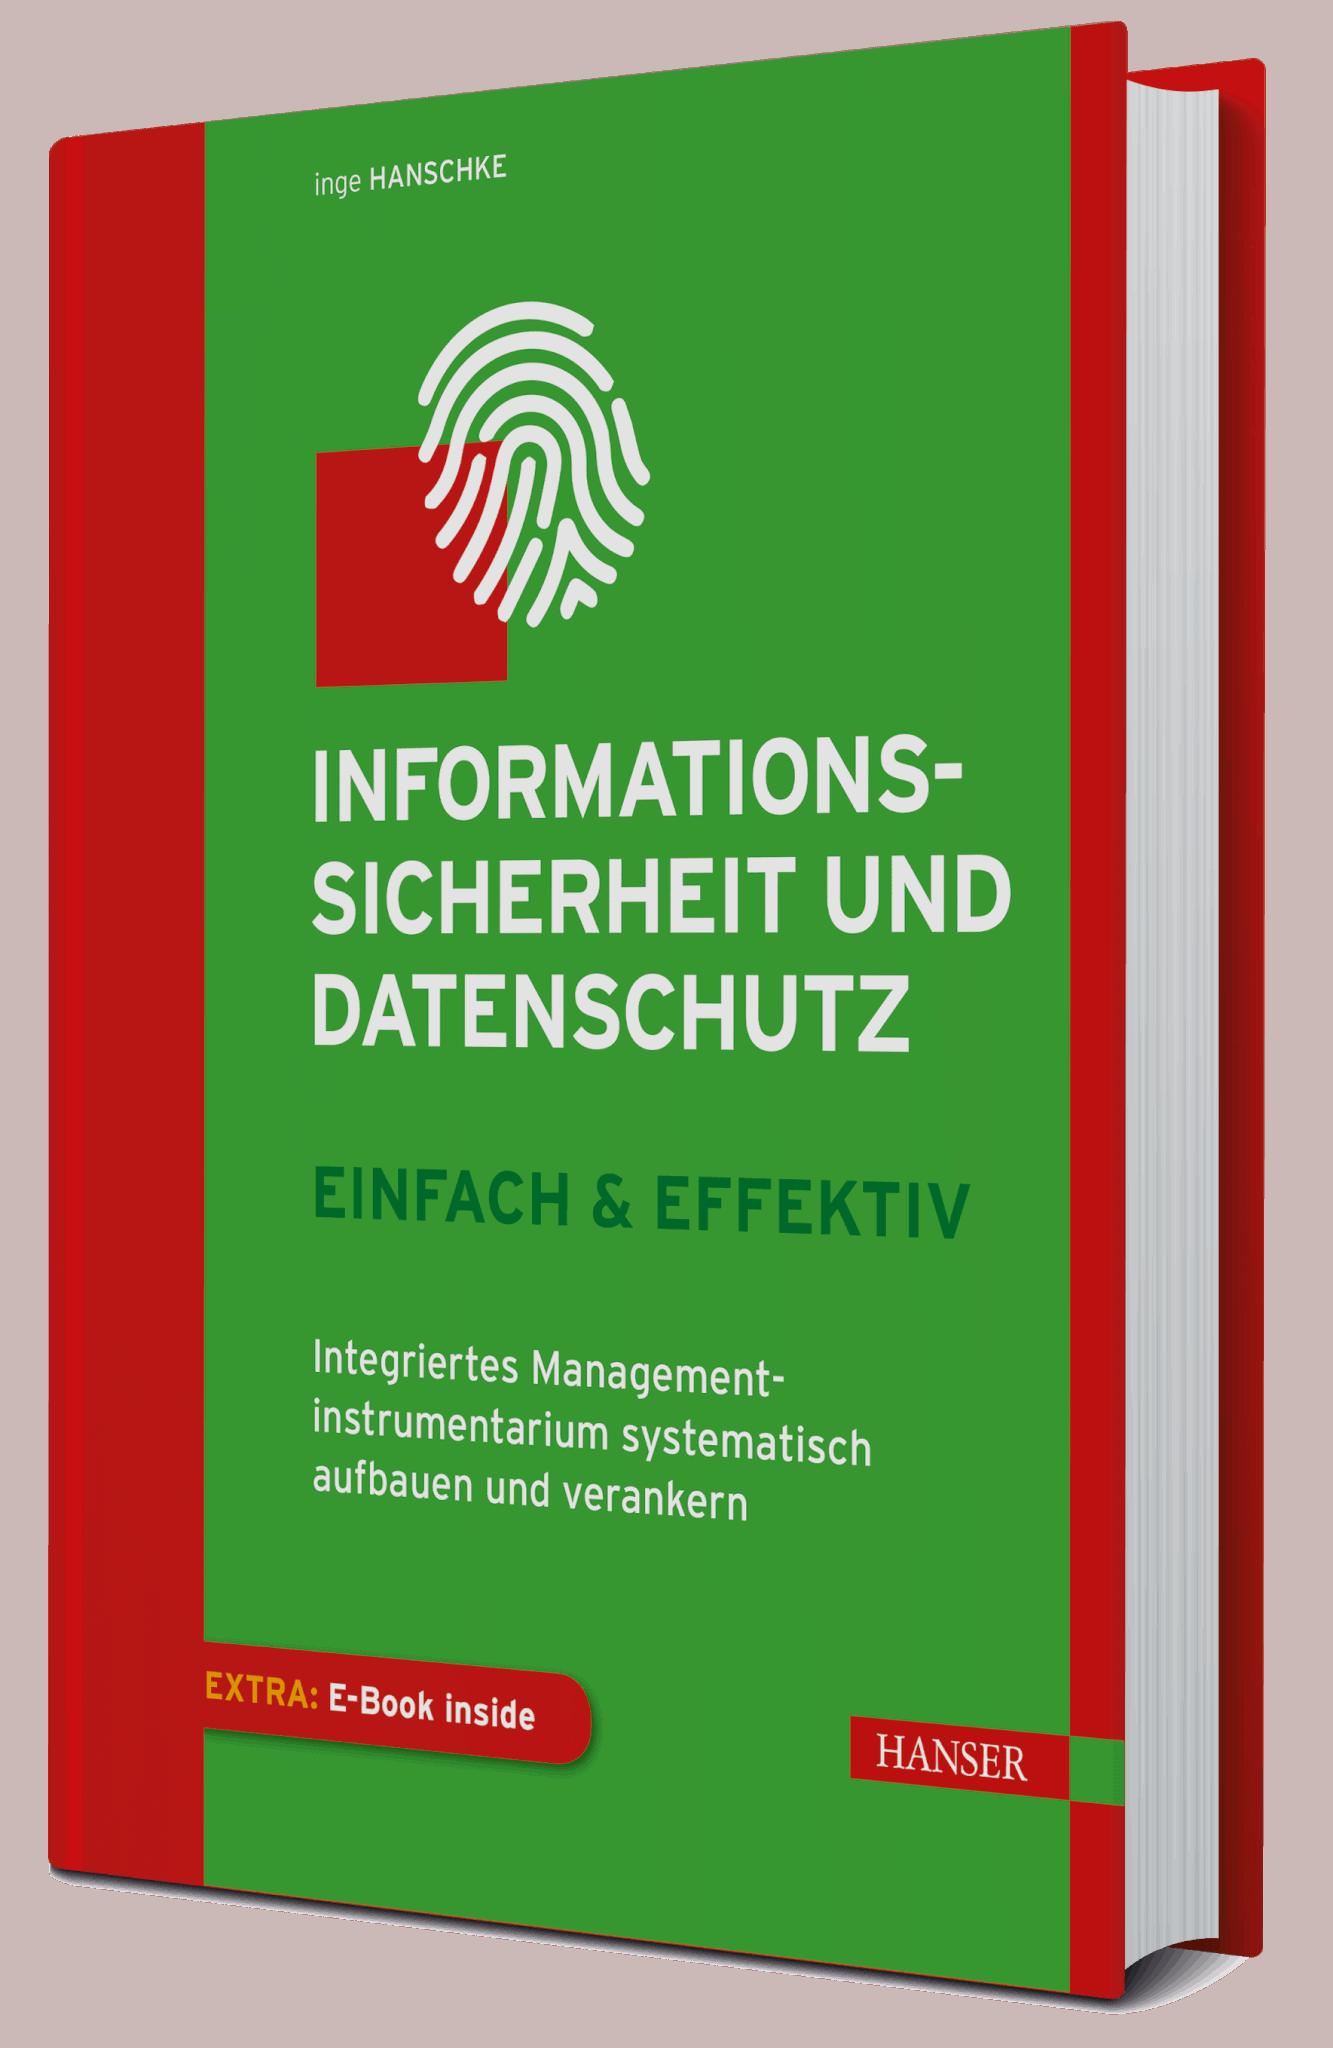 Inge Hanschke: Informationssicherheit & Datenschutz - einfach & effektiv © 2019 Hanser Fachbuch, Carl-Hanser Verlag München